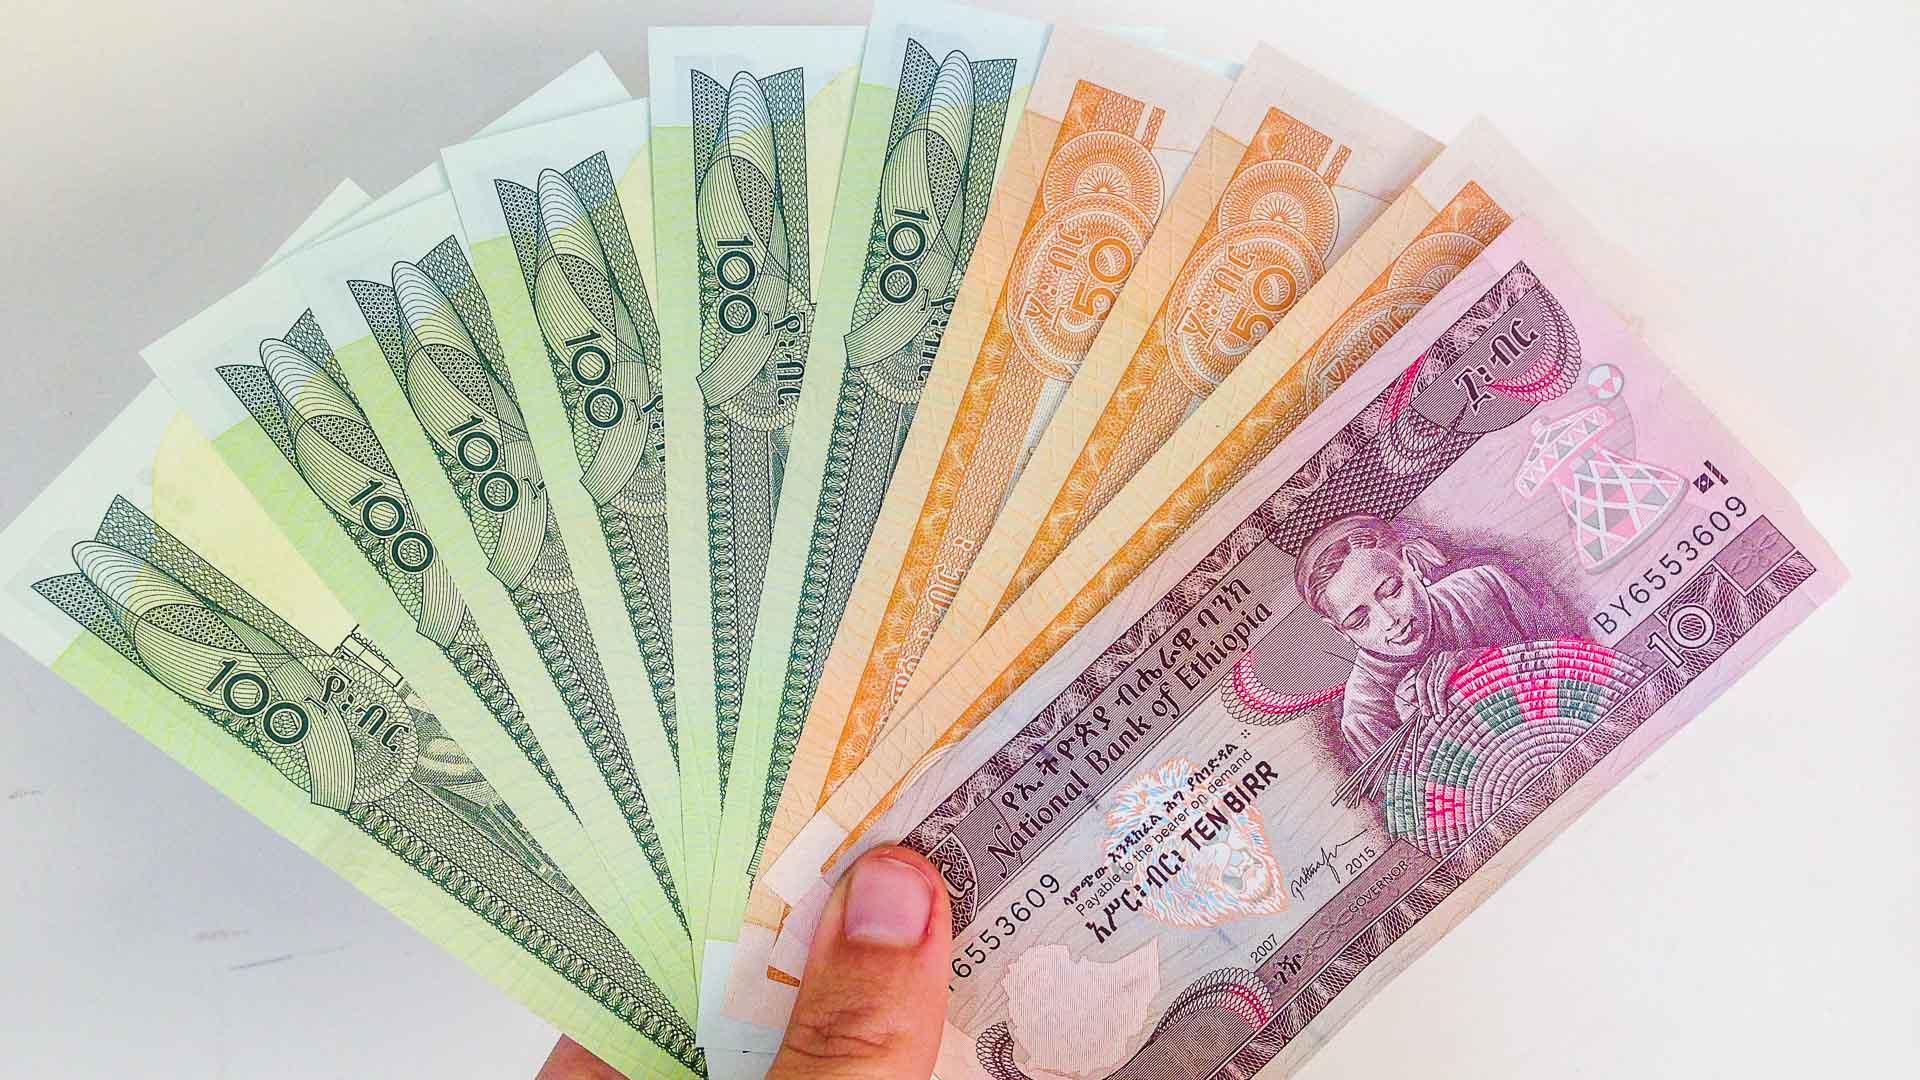 Ethiopian Birr banknotes